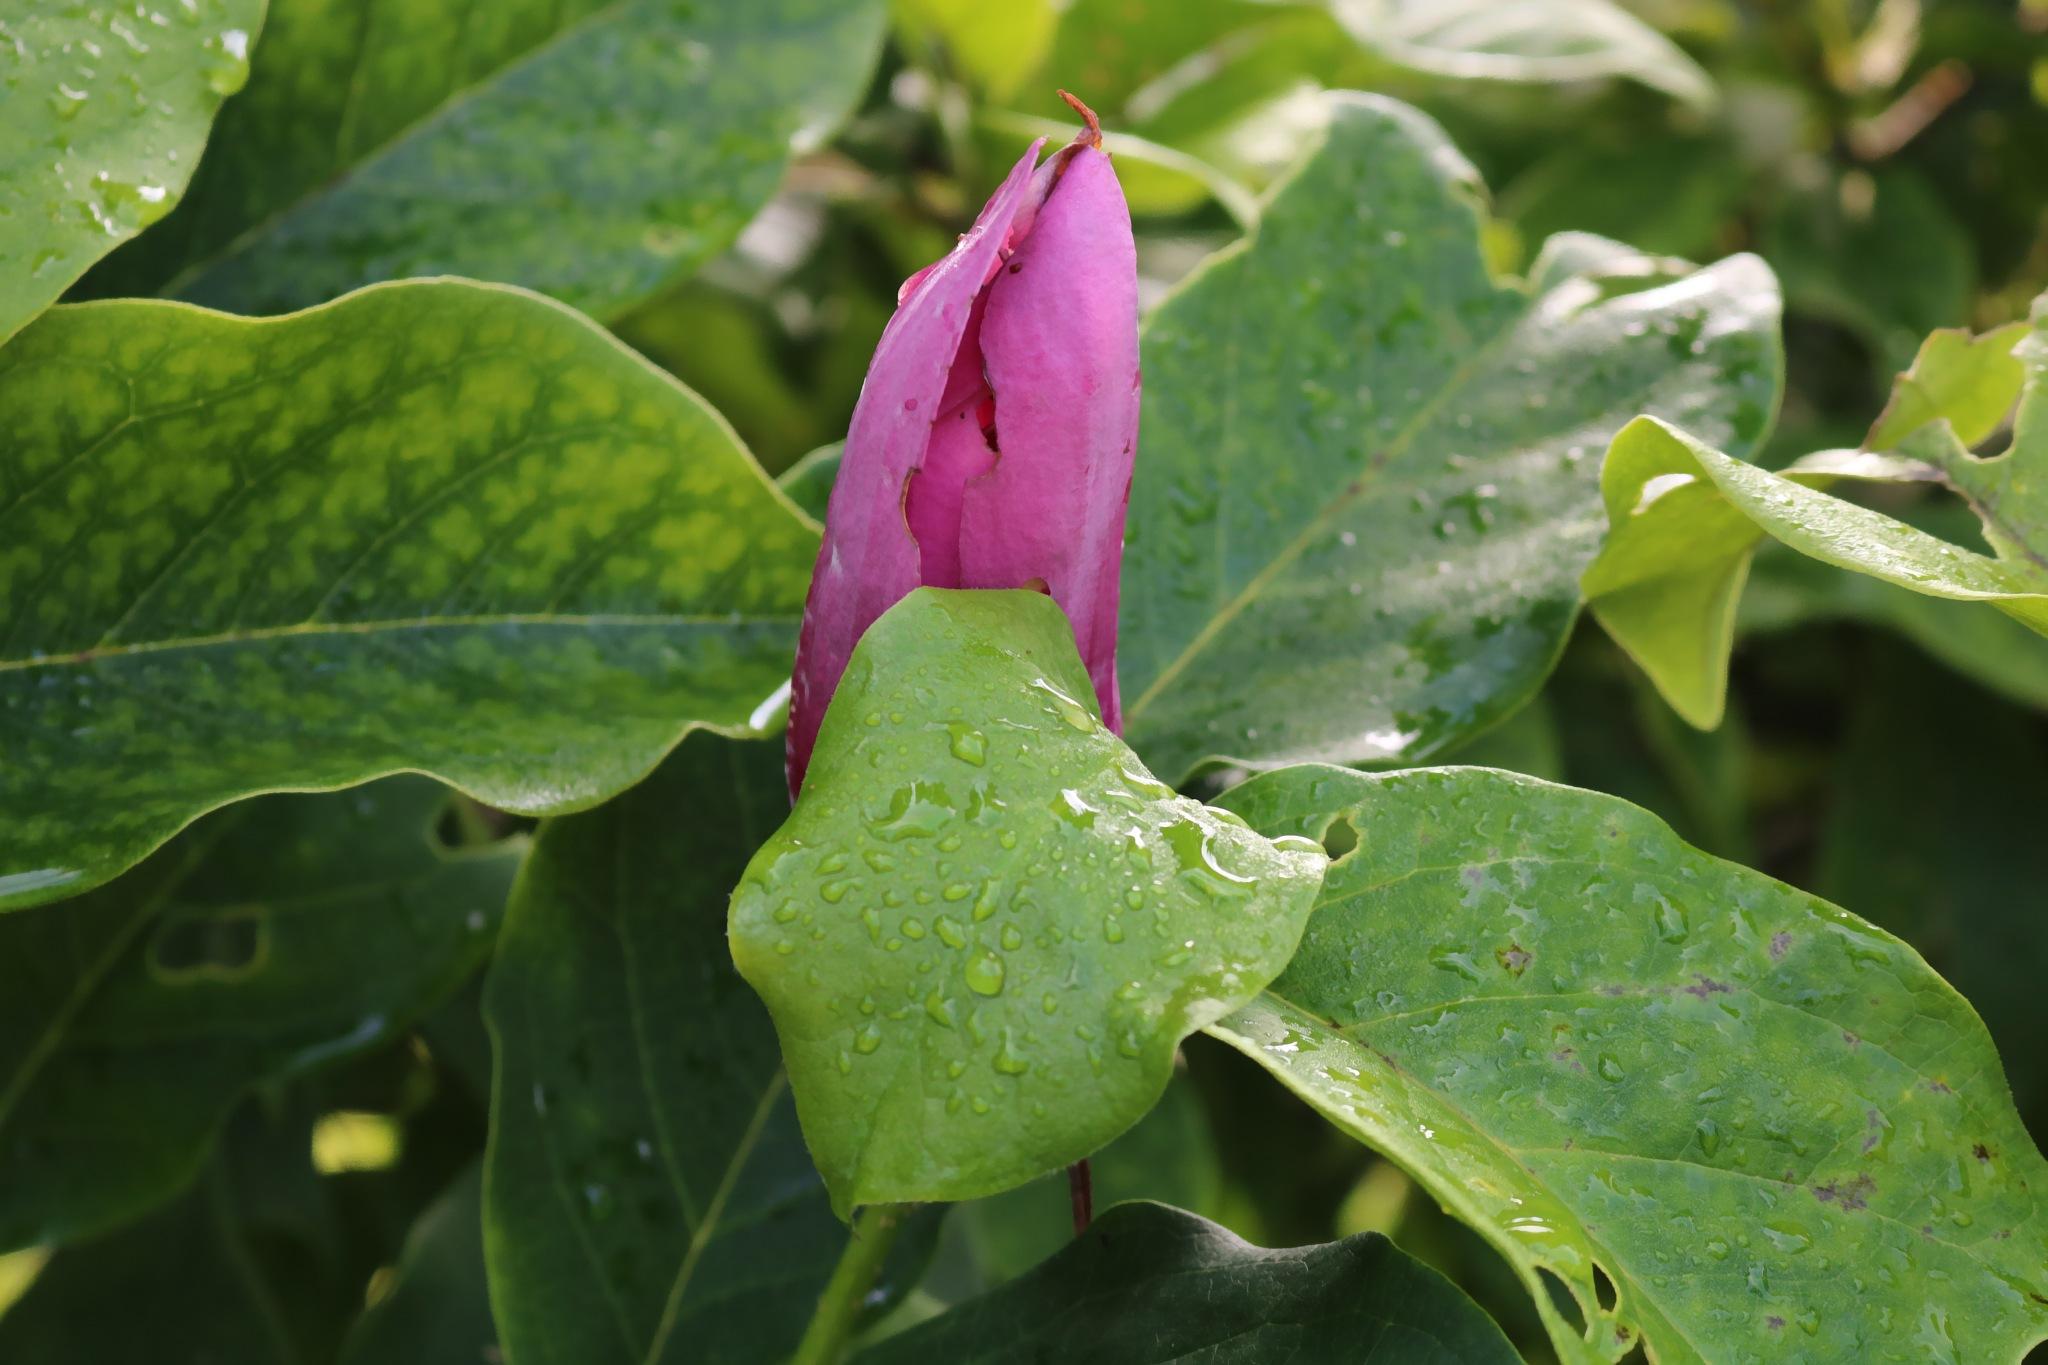 Magnolia by zvnktomasevic